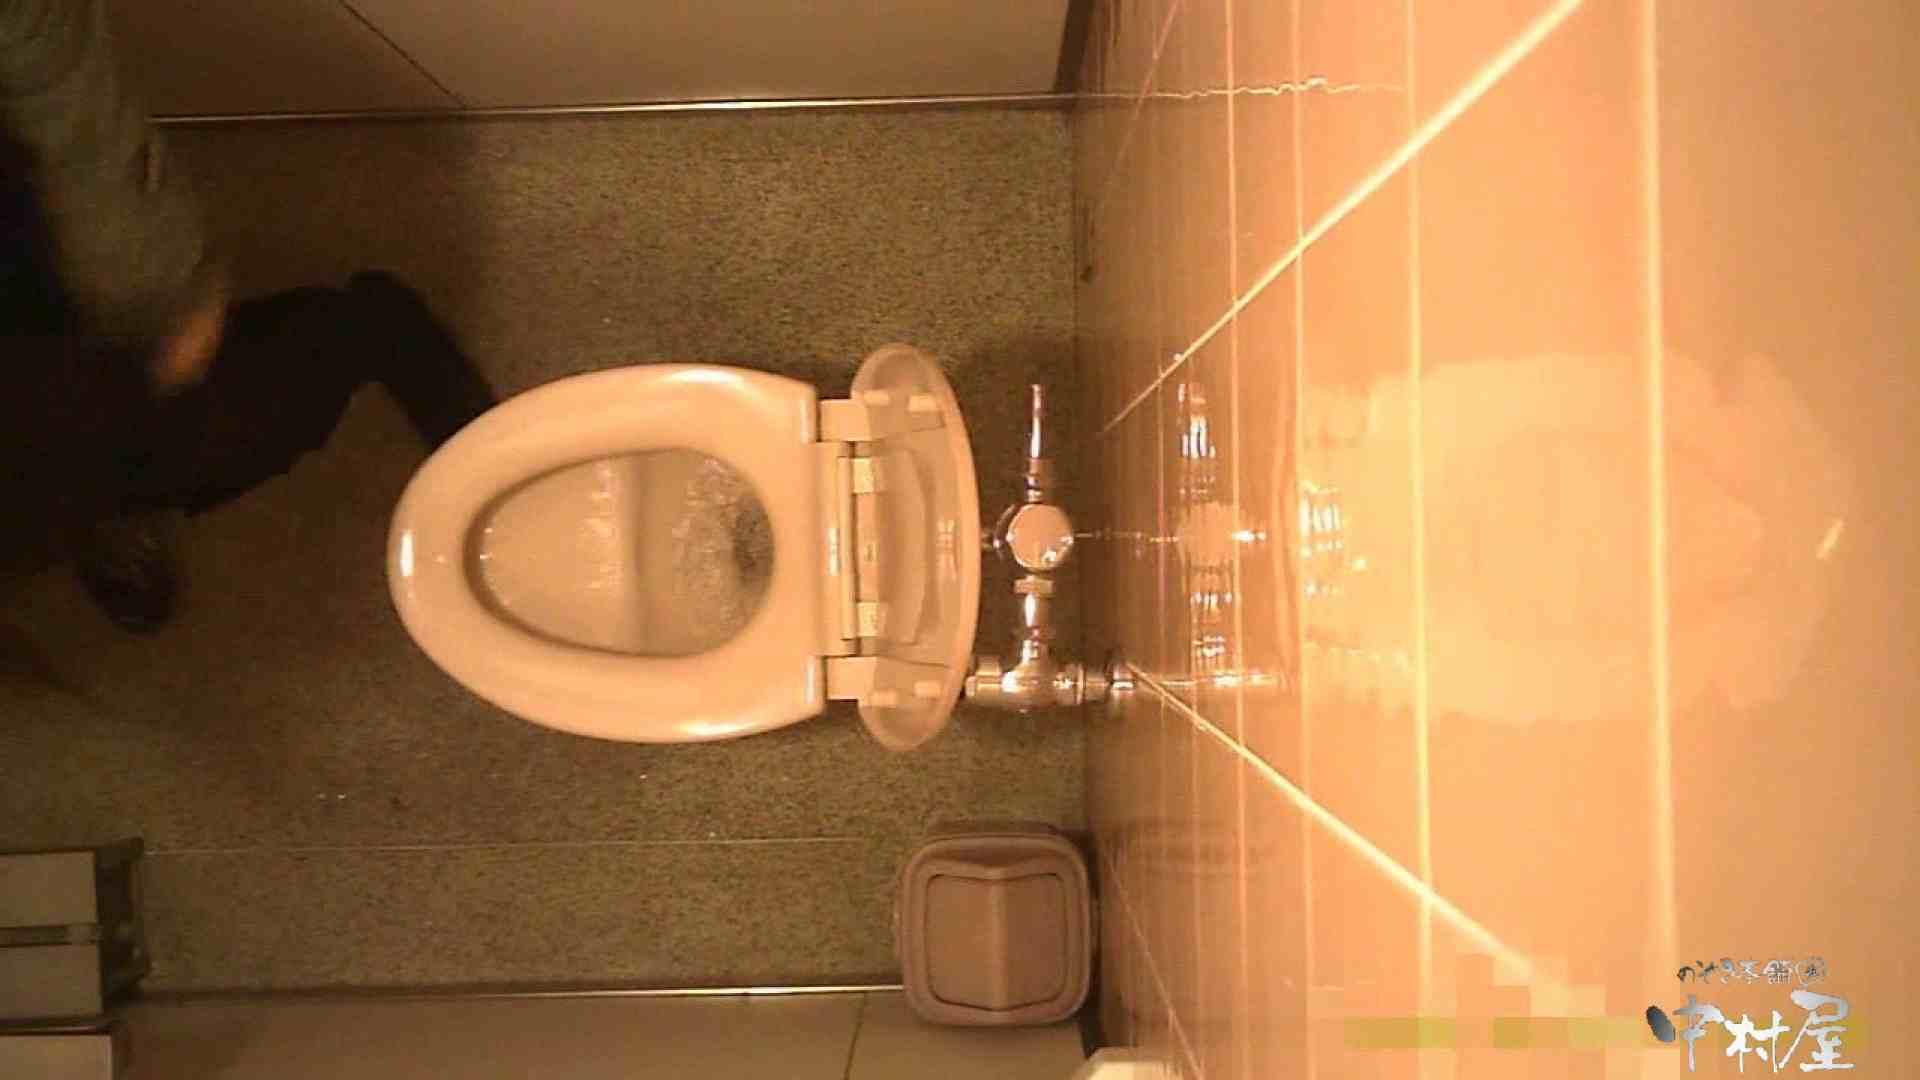 初盗撮!女盗撮師カレンさんの 潜入!女子トイレ盗撮!Vol.5 女子トイレ | 盗撮  61pic 32